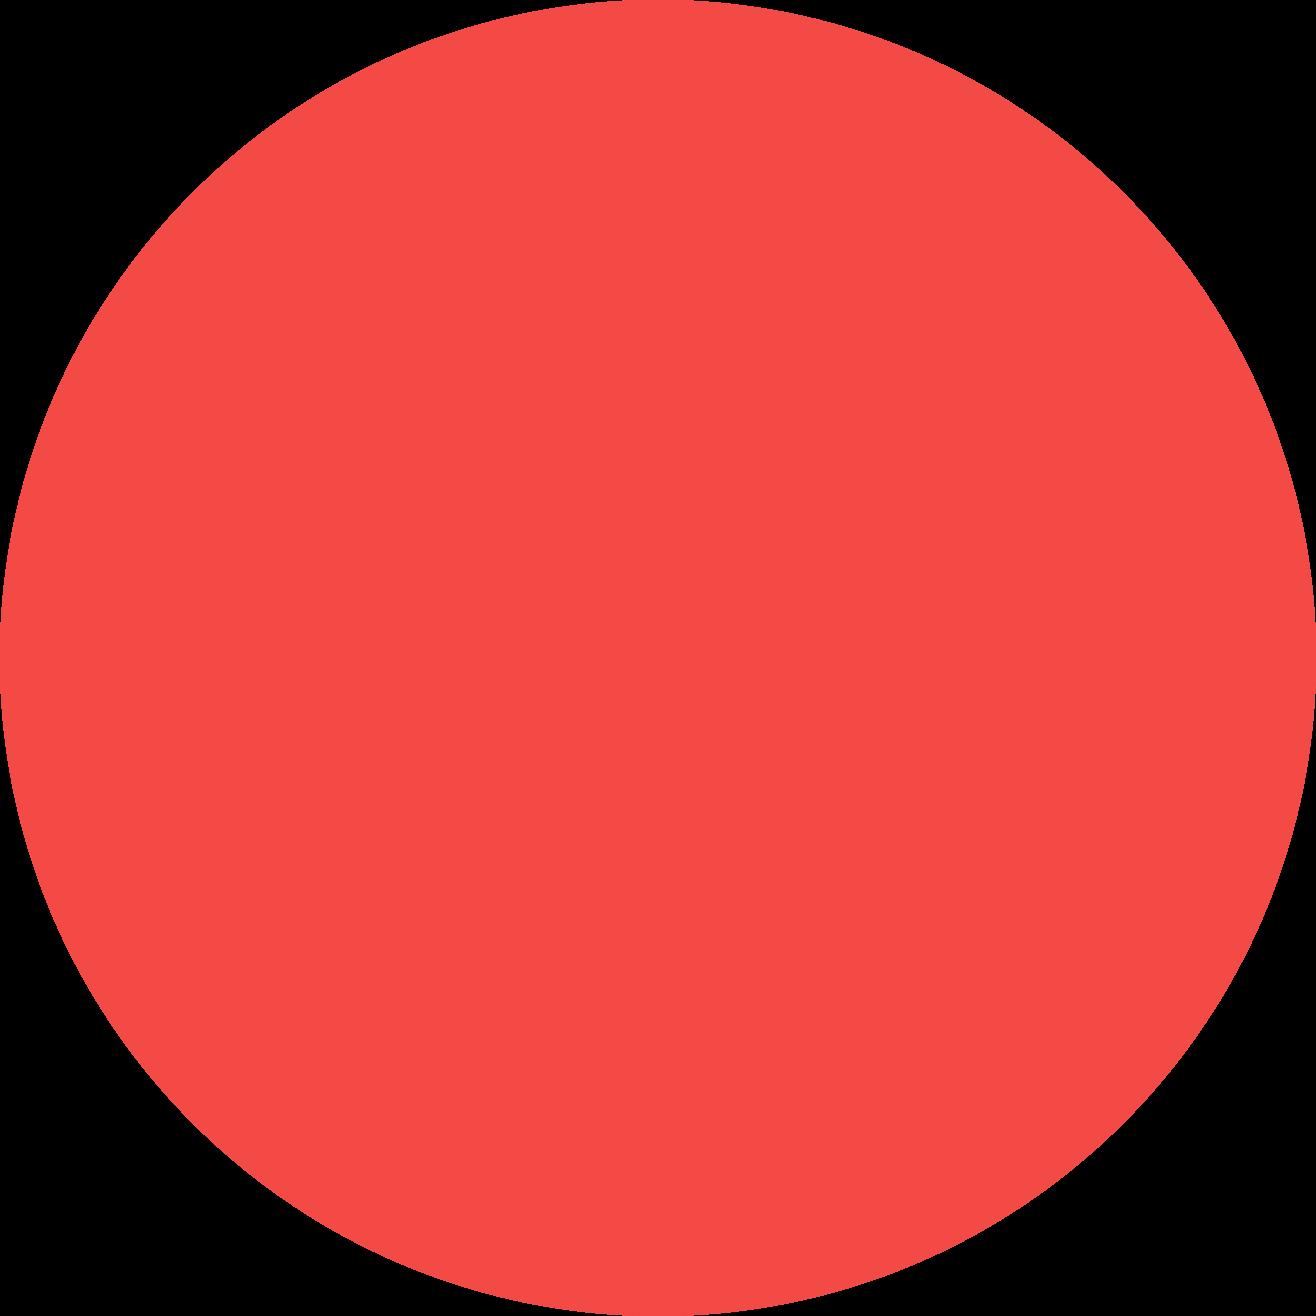 background orange circle